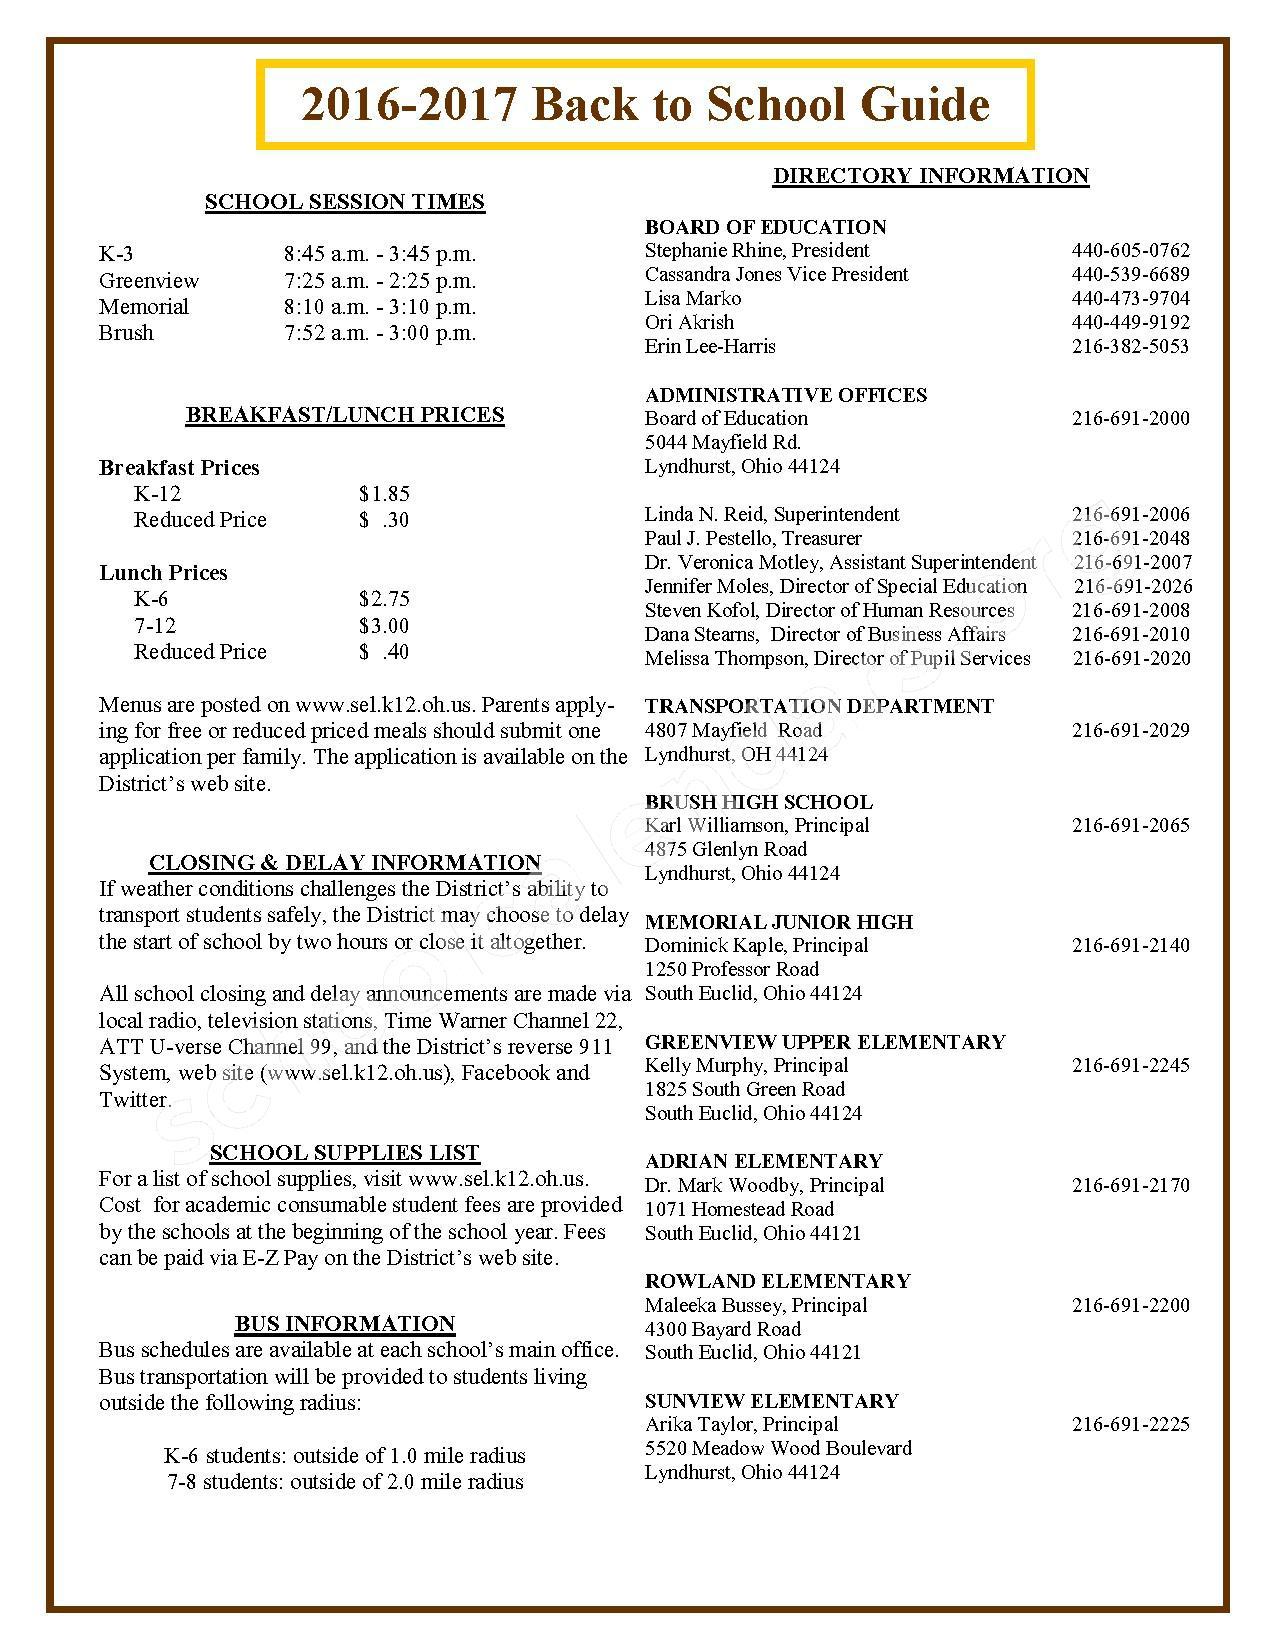 2016 - 2017 School Calendar – South Euclid-Lyndhurst Schools – page 2